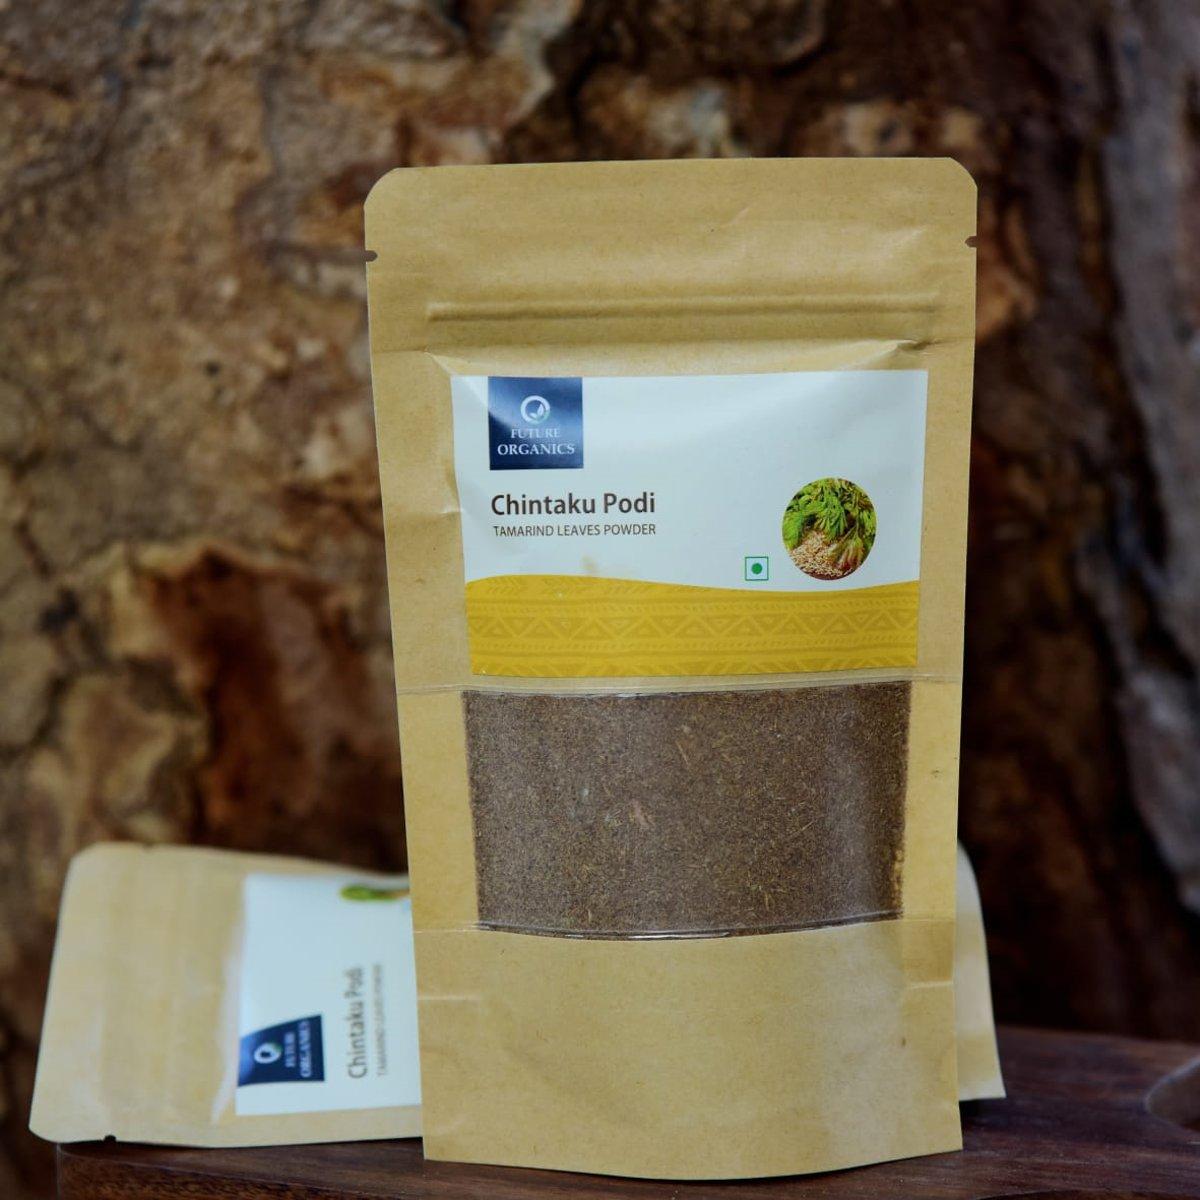 Chintakupodi (Tamarind Powder)(set of 2)